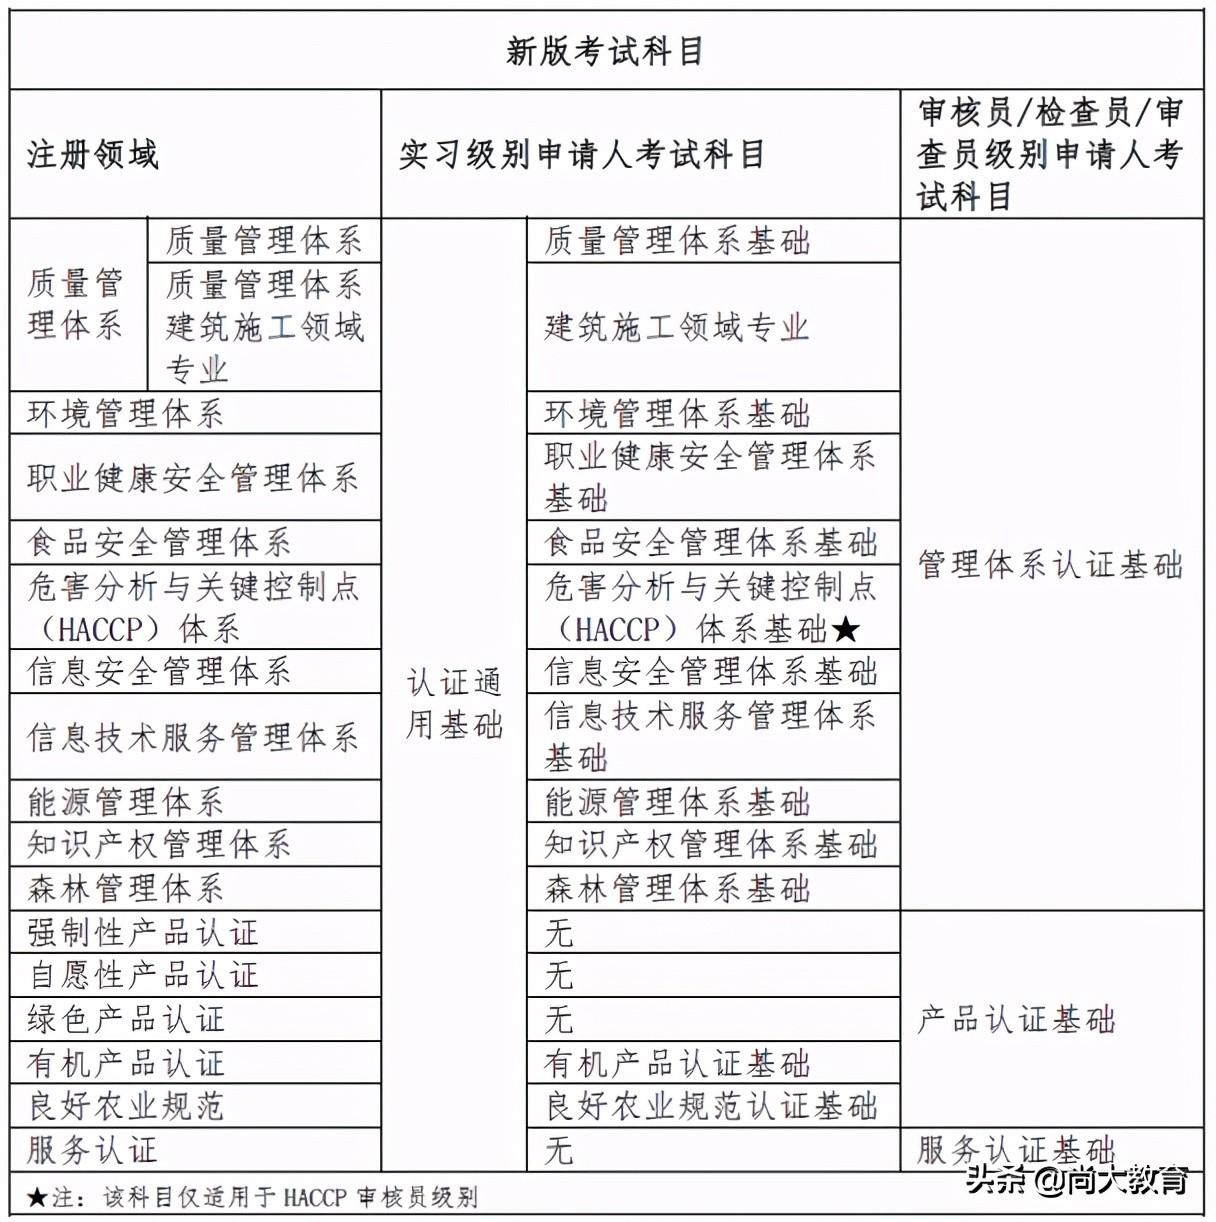 2021年最新版认证人员注册考试大纲解读